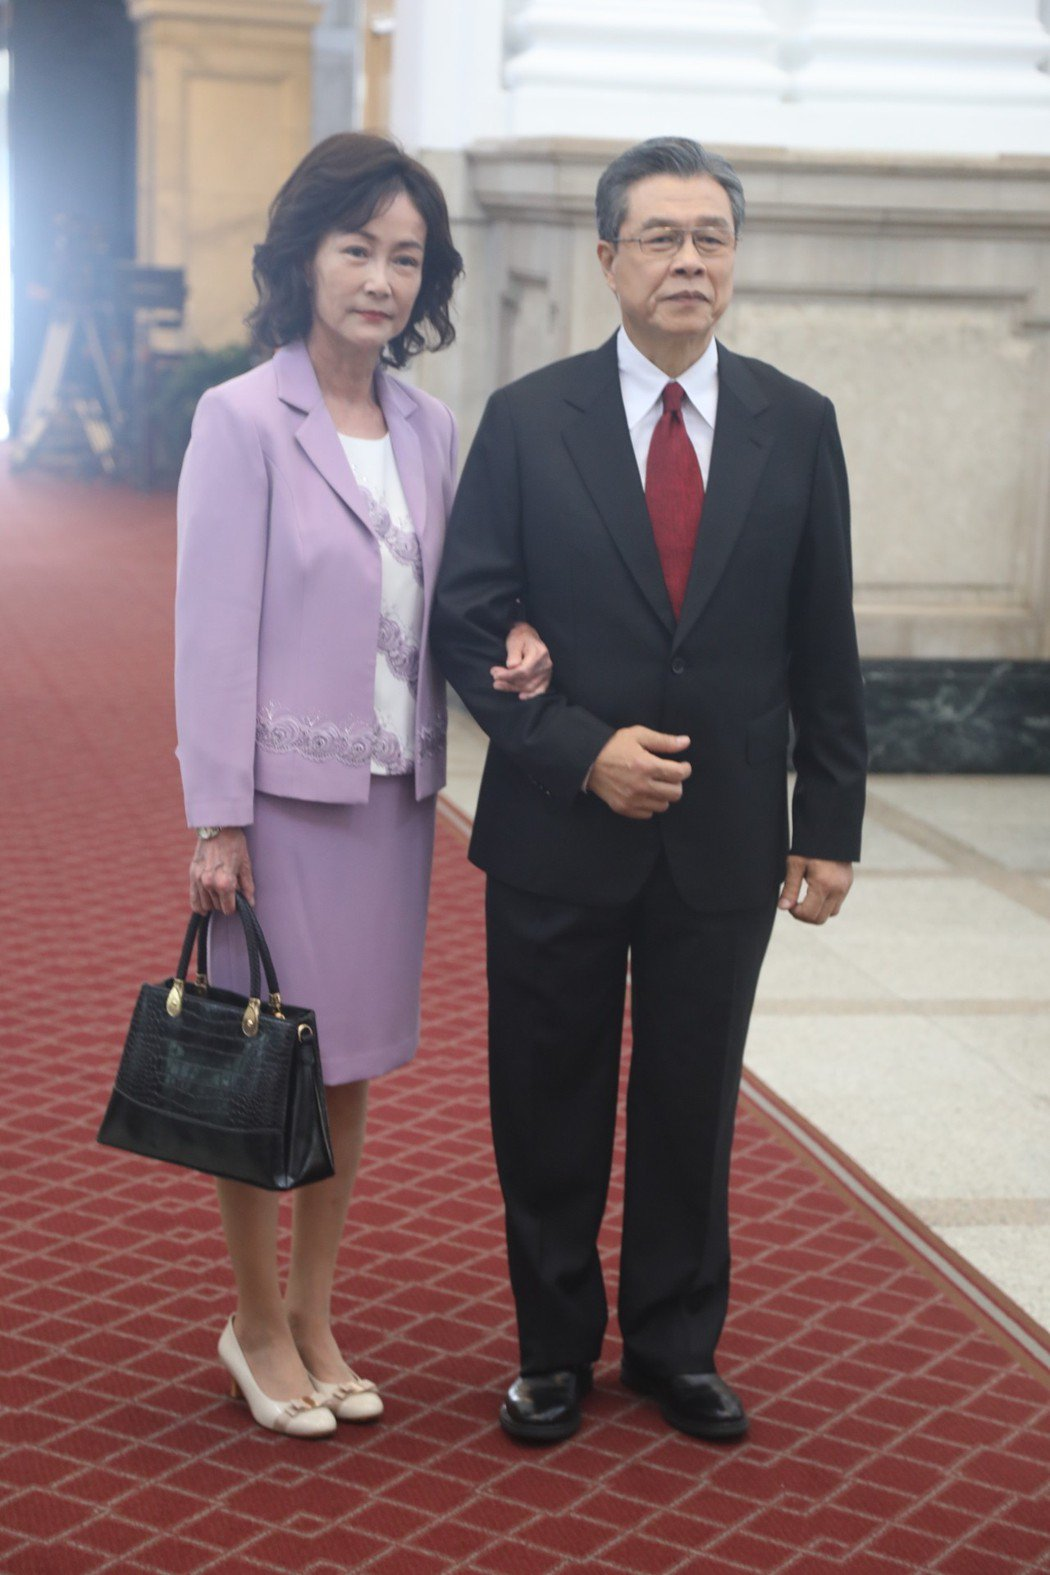 楊烈、應采靈在「國際橋牌社」演出總統伉儷,踏進總統府。圖/馬克吐溫國際影像公司提